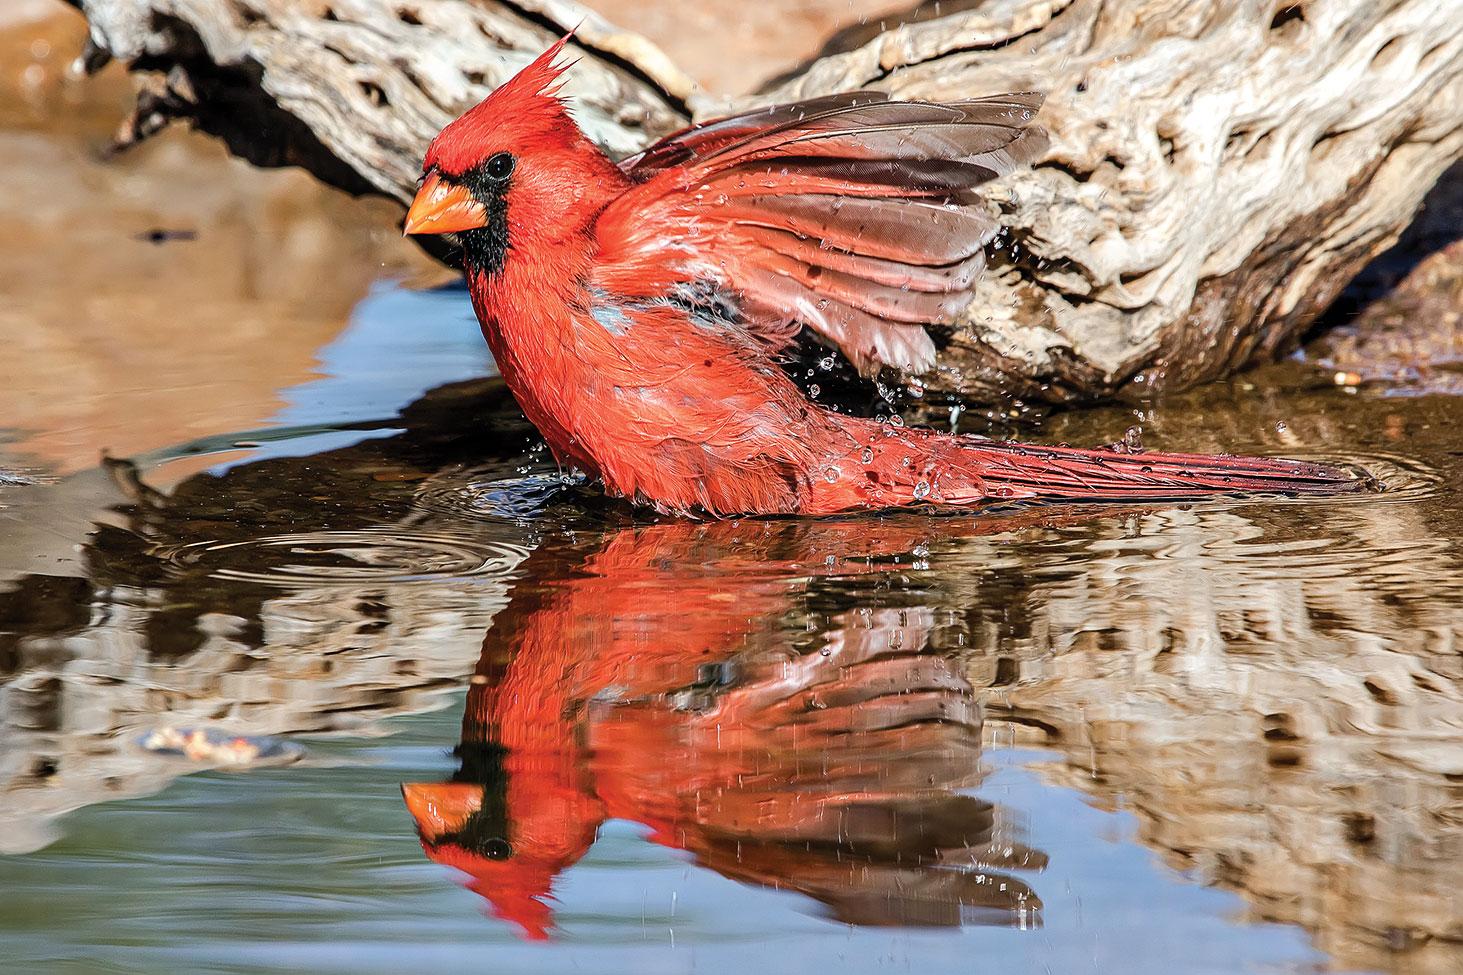 First Place: Jeff Krueger - Bird Bath